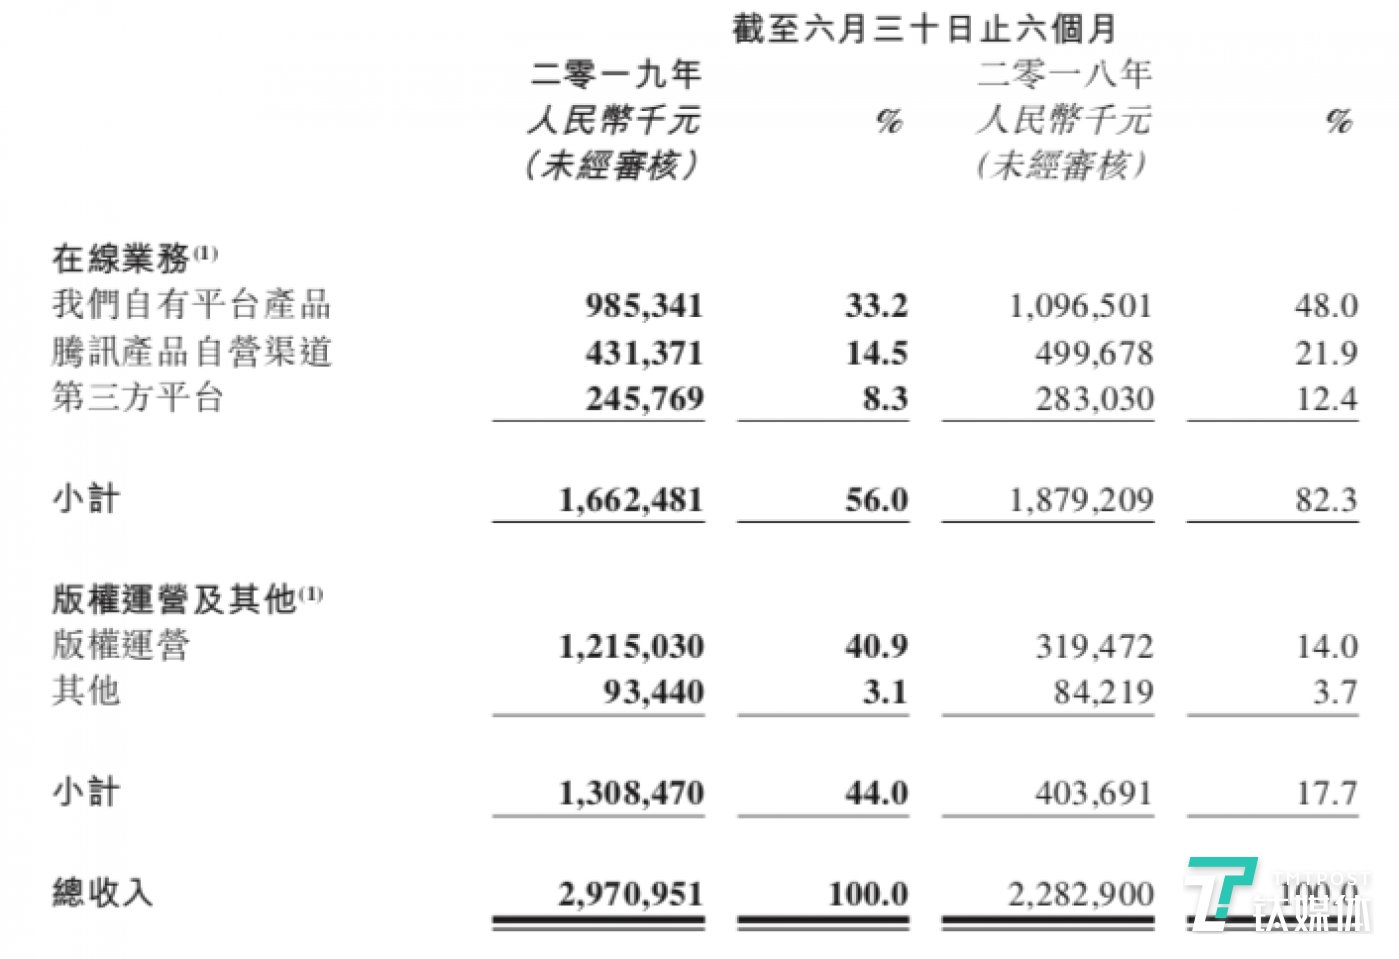 阅文两大核心业务收入情况(来源阅文财报)